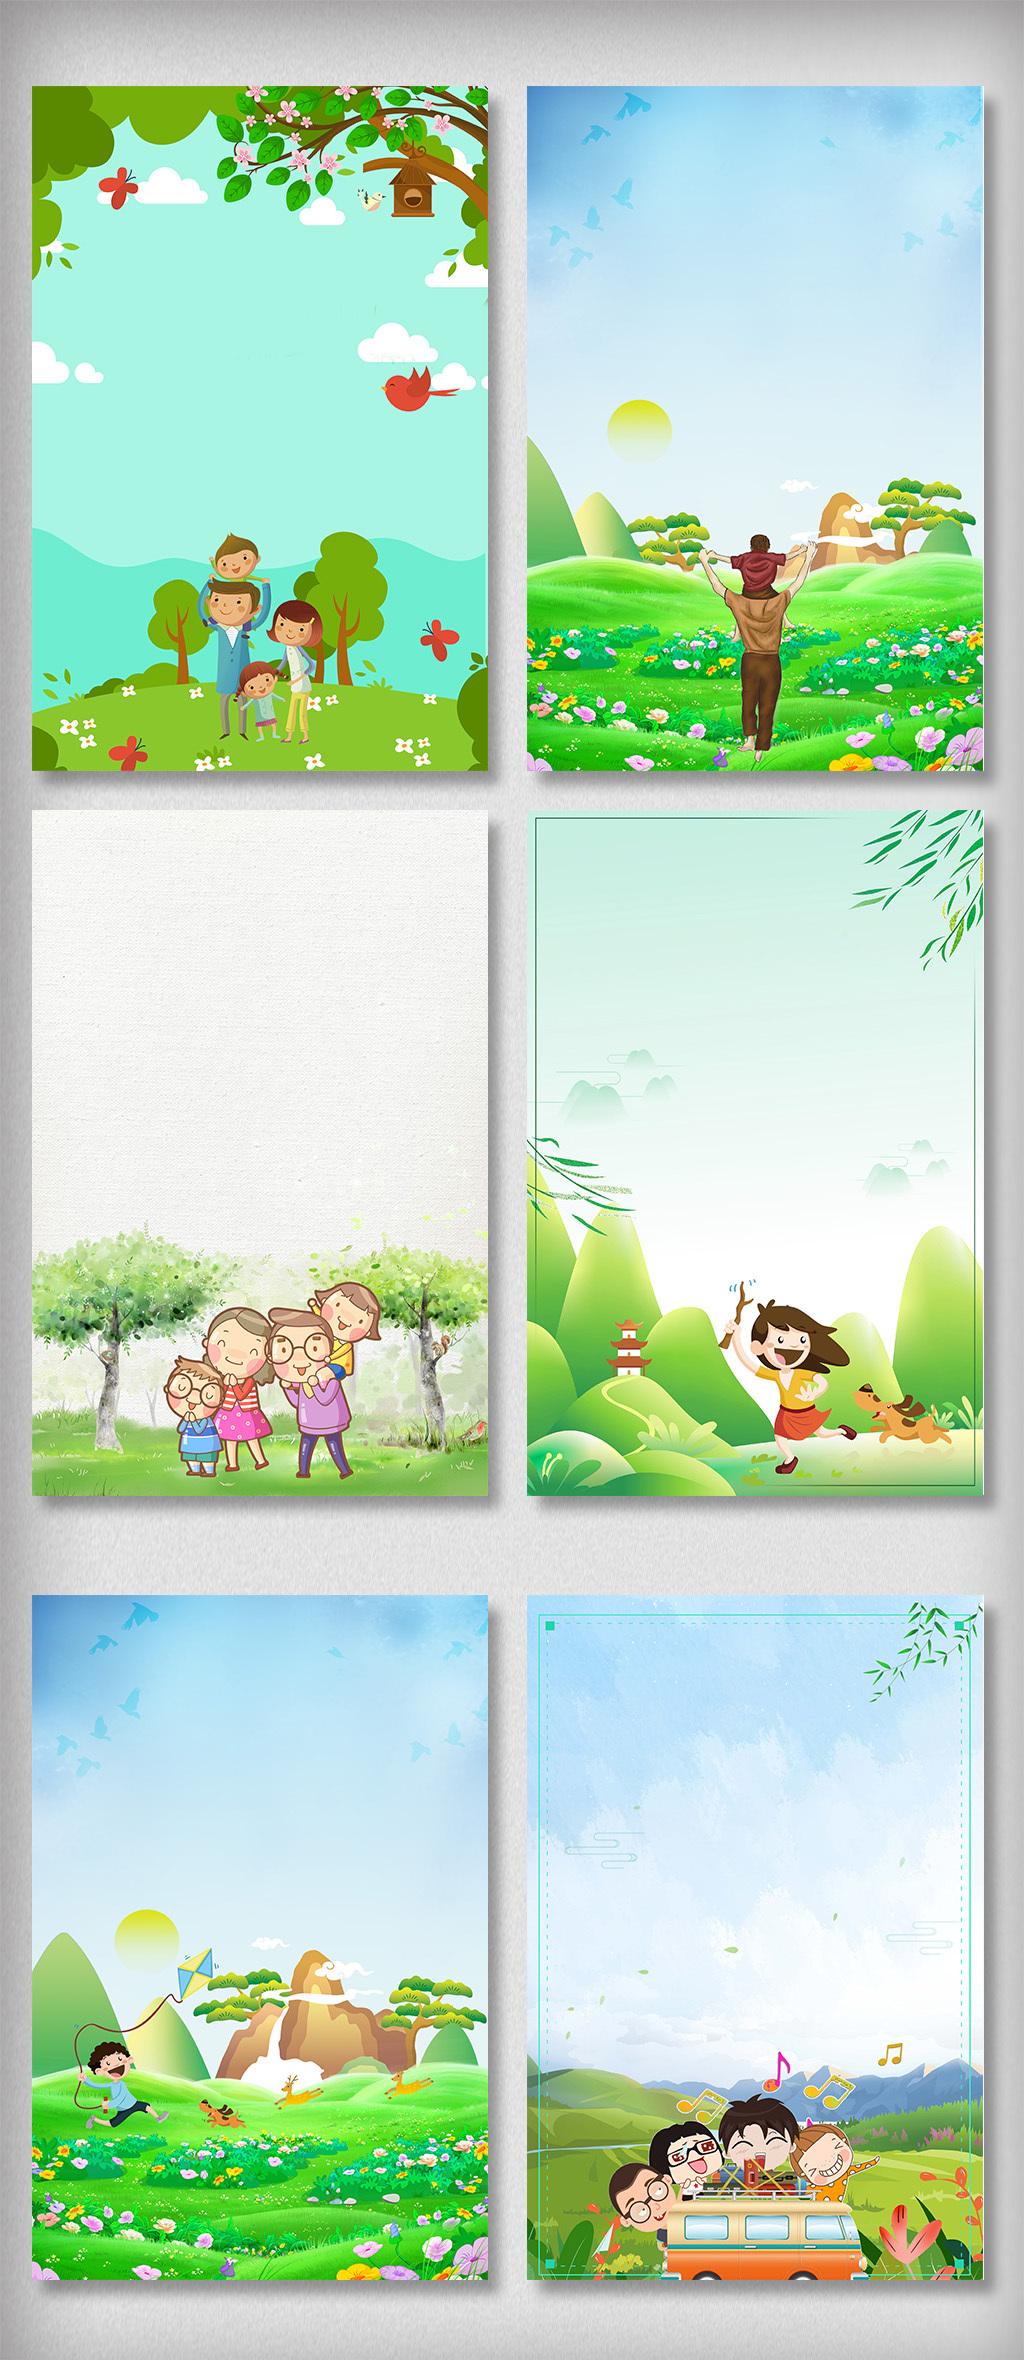 原创设计绿色手绘春游旅游宣传海报背景素材